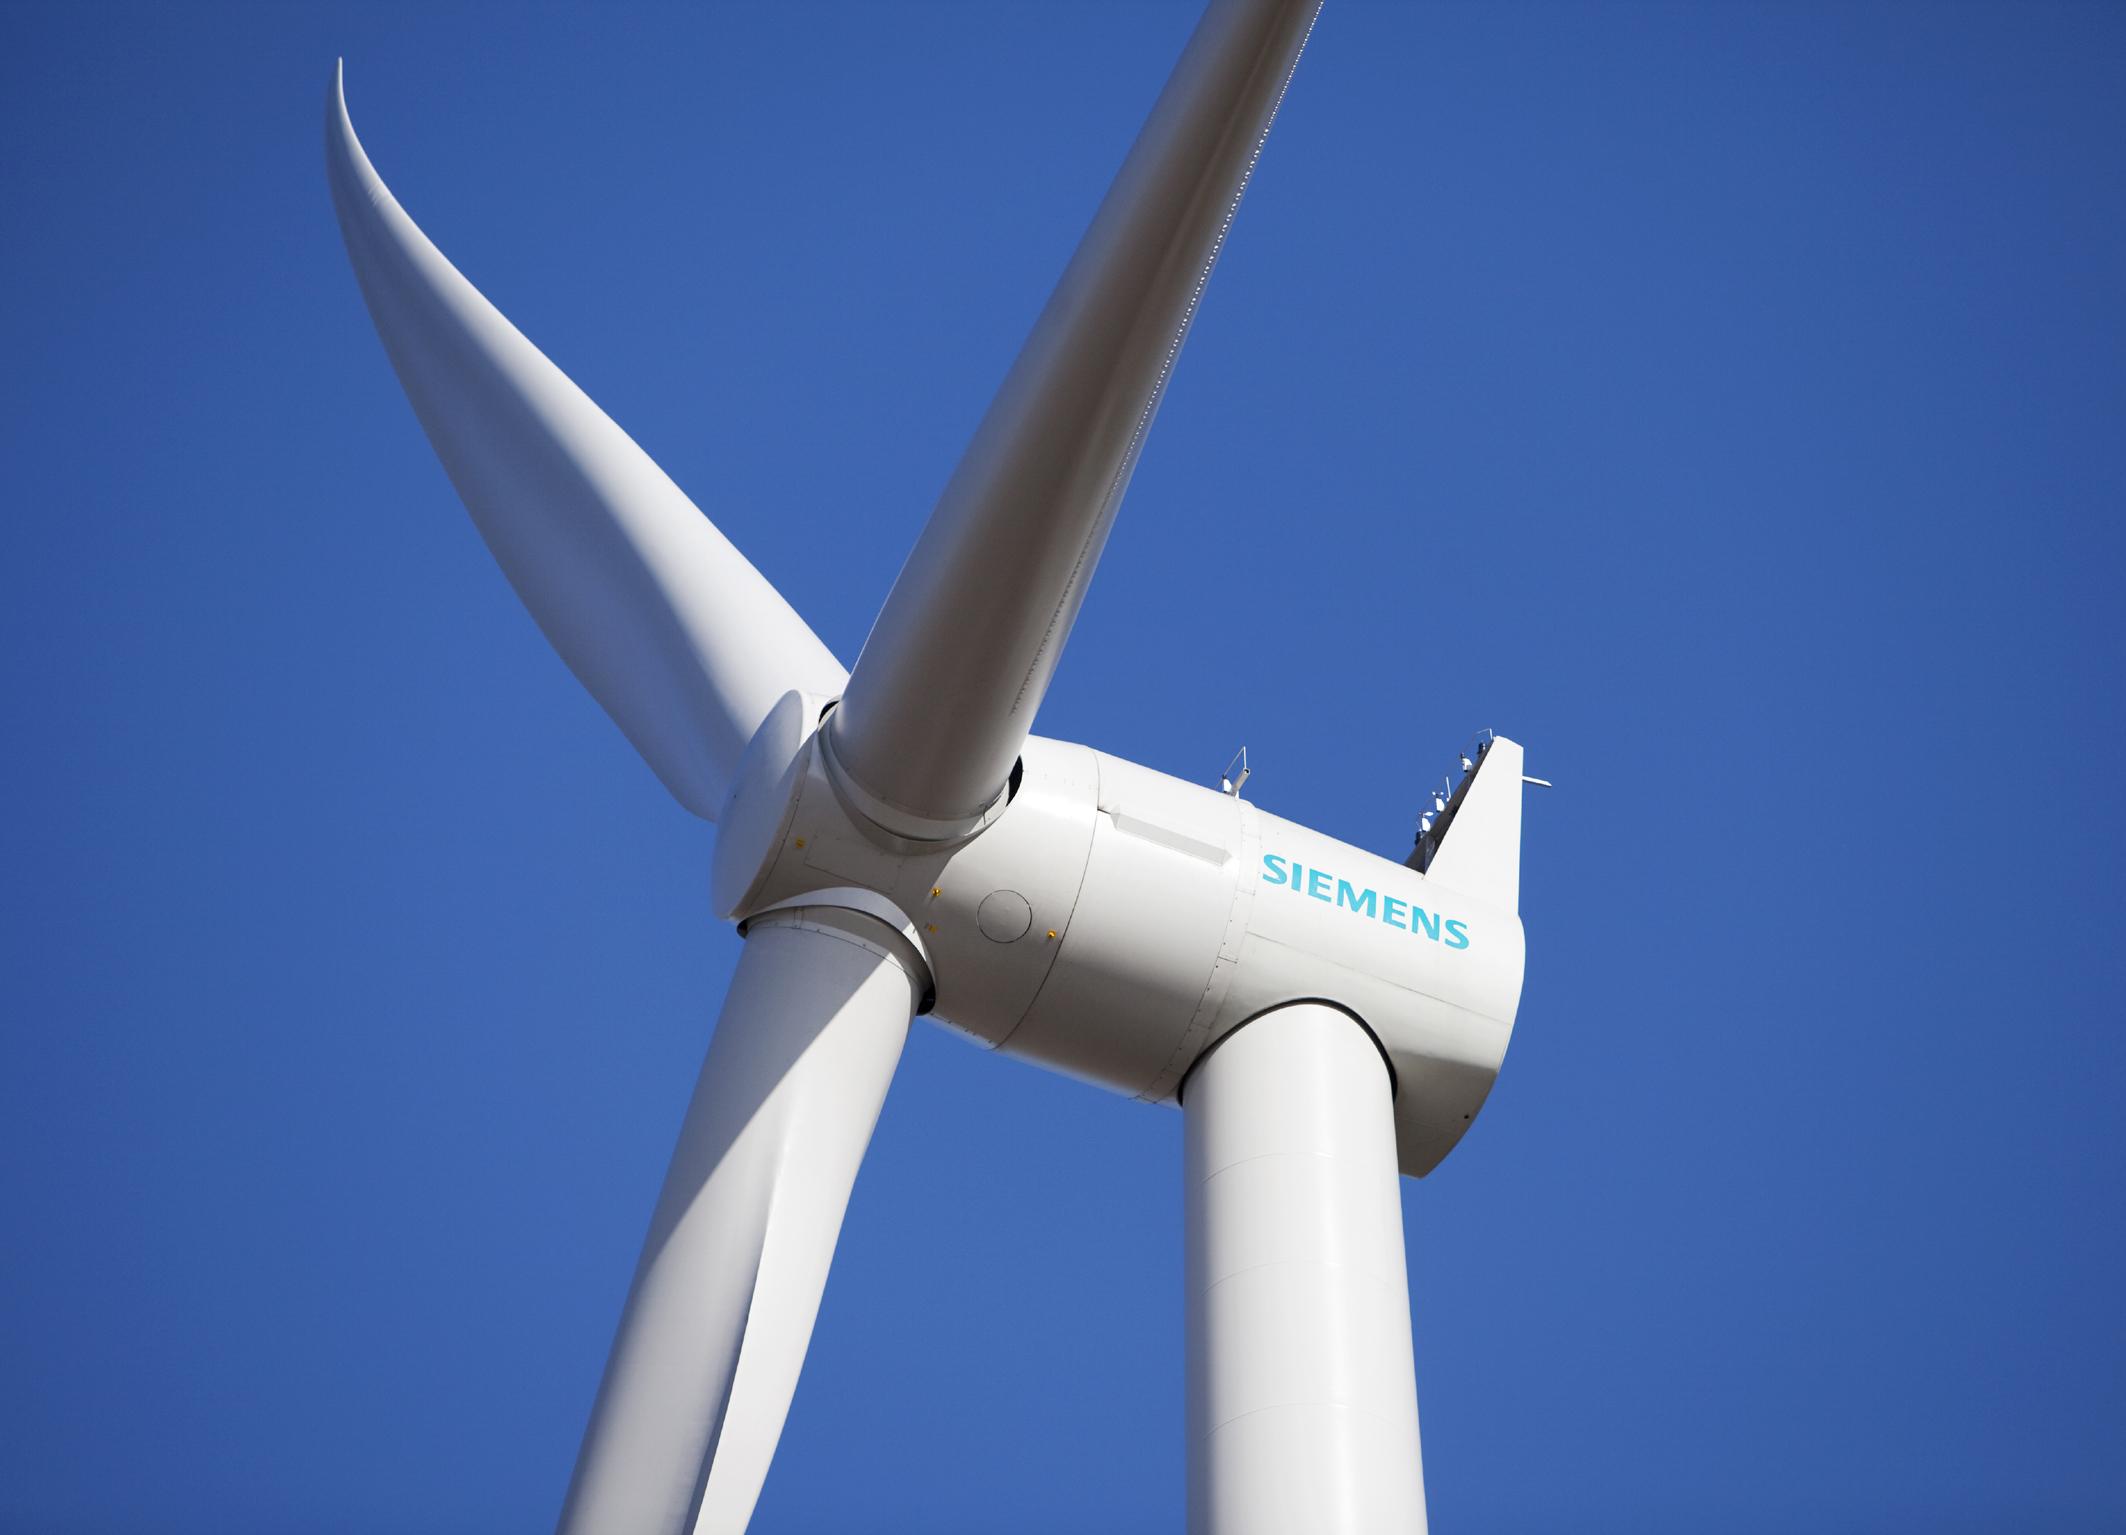 Eólica en Sudáfrica: Siemens vende aerogeneradores para un parque eólico